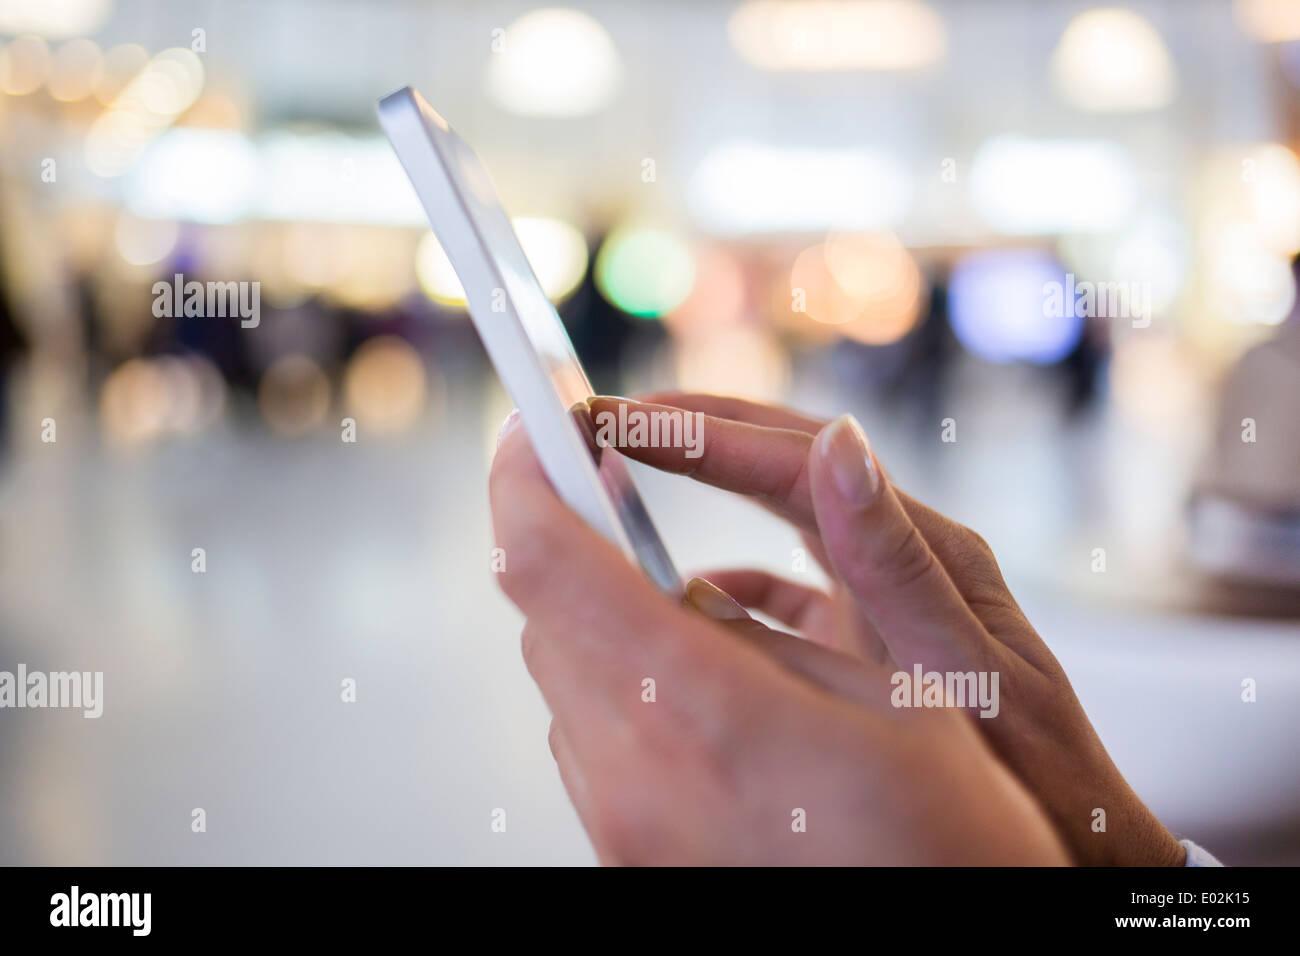 Téléphone cellulaire femelle part message sms e-mail Photo Stock